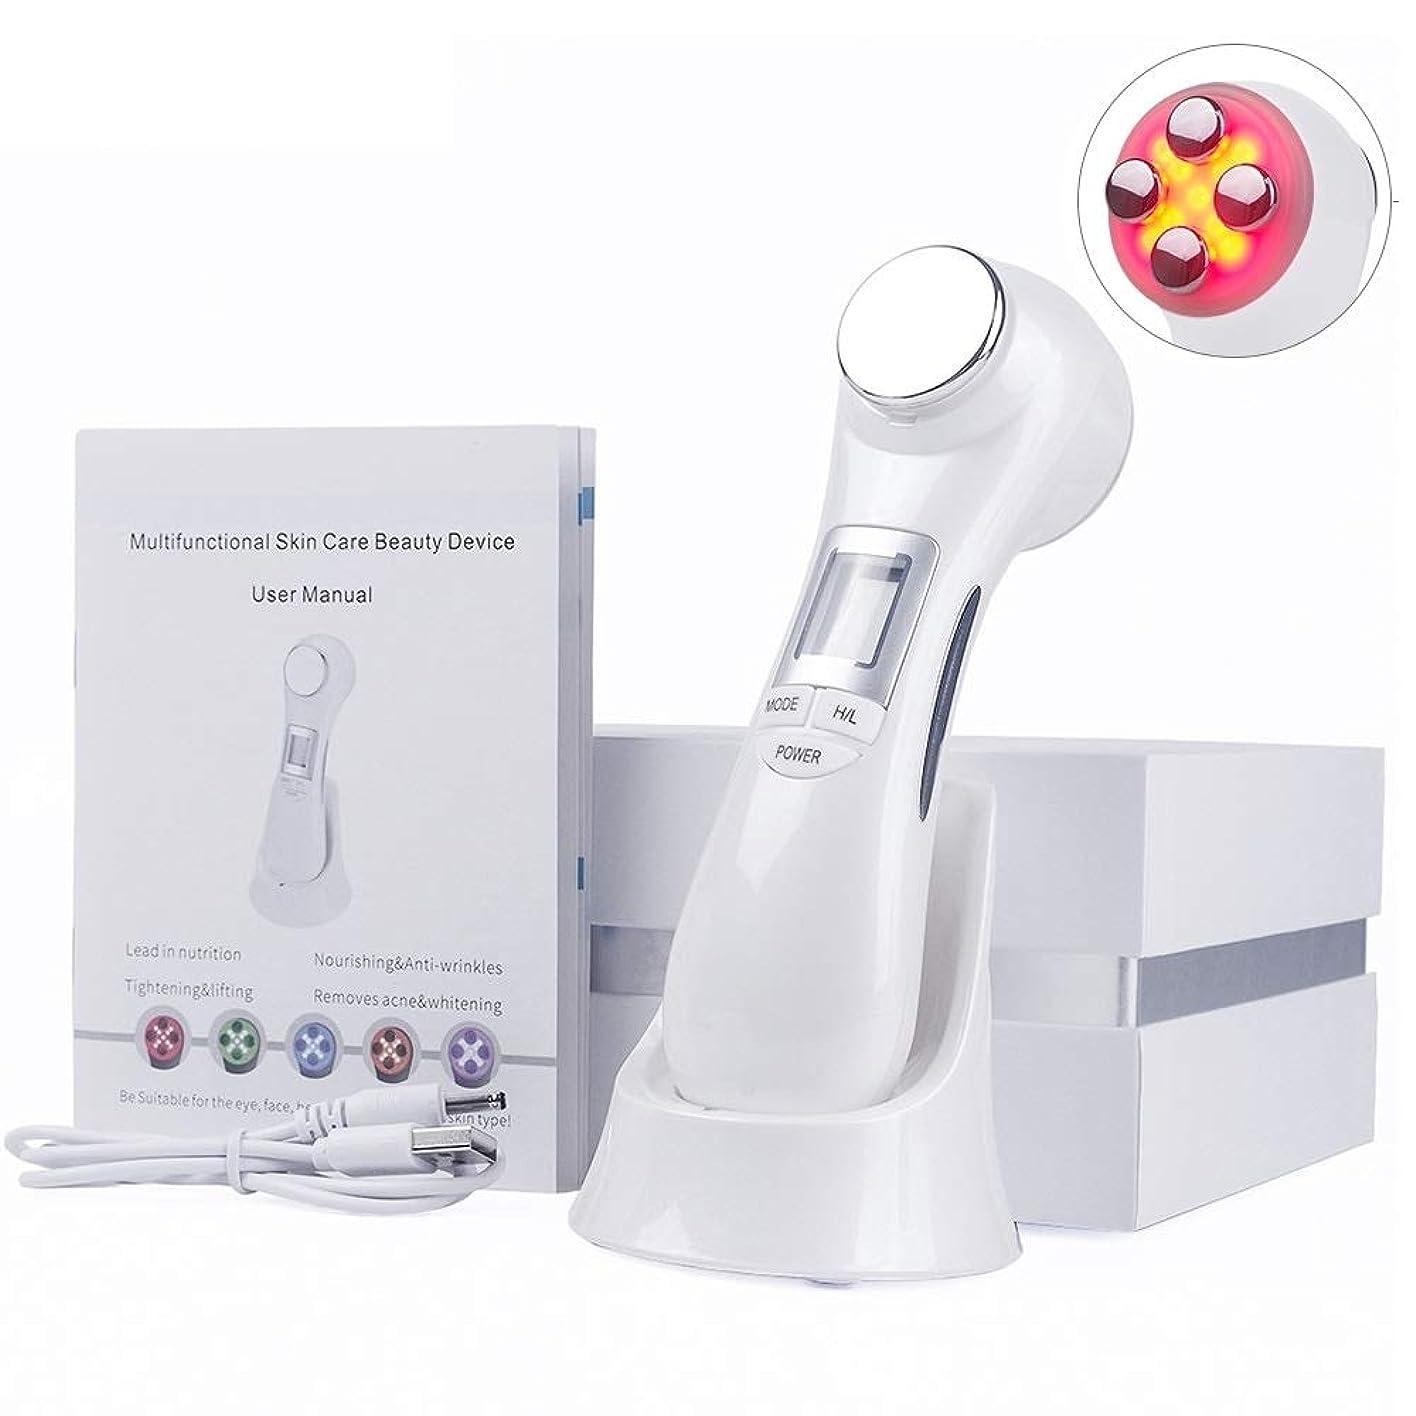 お嬢犯罪ホテル6 in 1 Face Photon RF Radio Frequency EMS Mesotherapy LED Light Therapy Micro-current Ultrasonic Vibration Face Lifting Wrinkle Removal Facial Cream Skin Care Massager